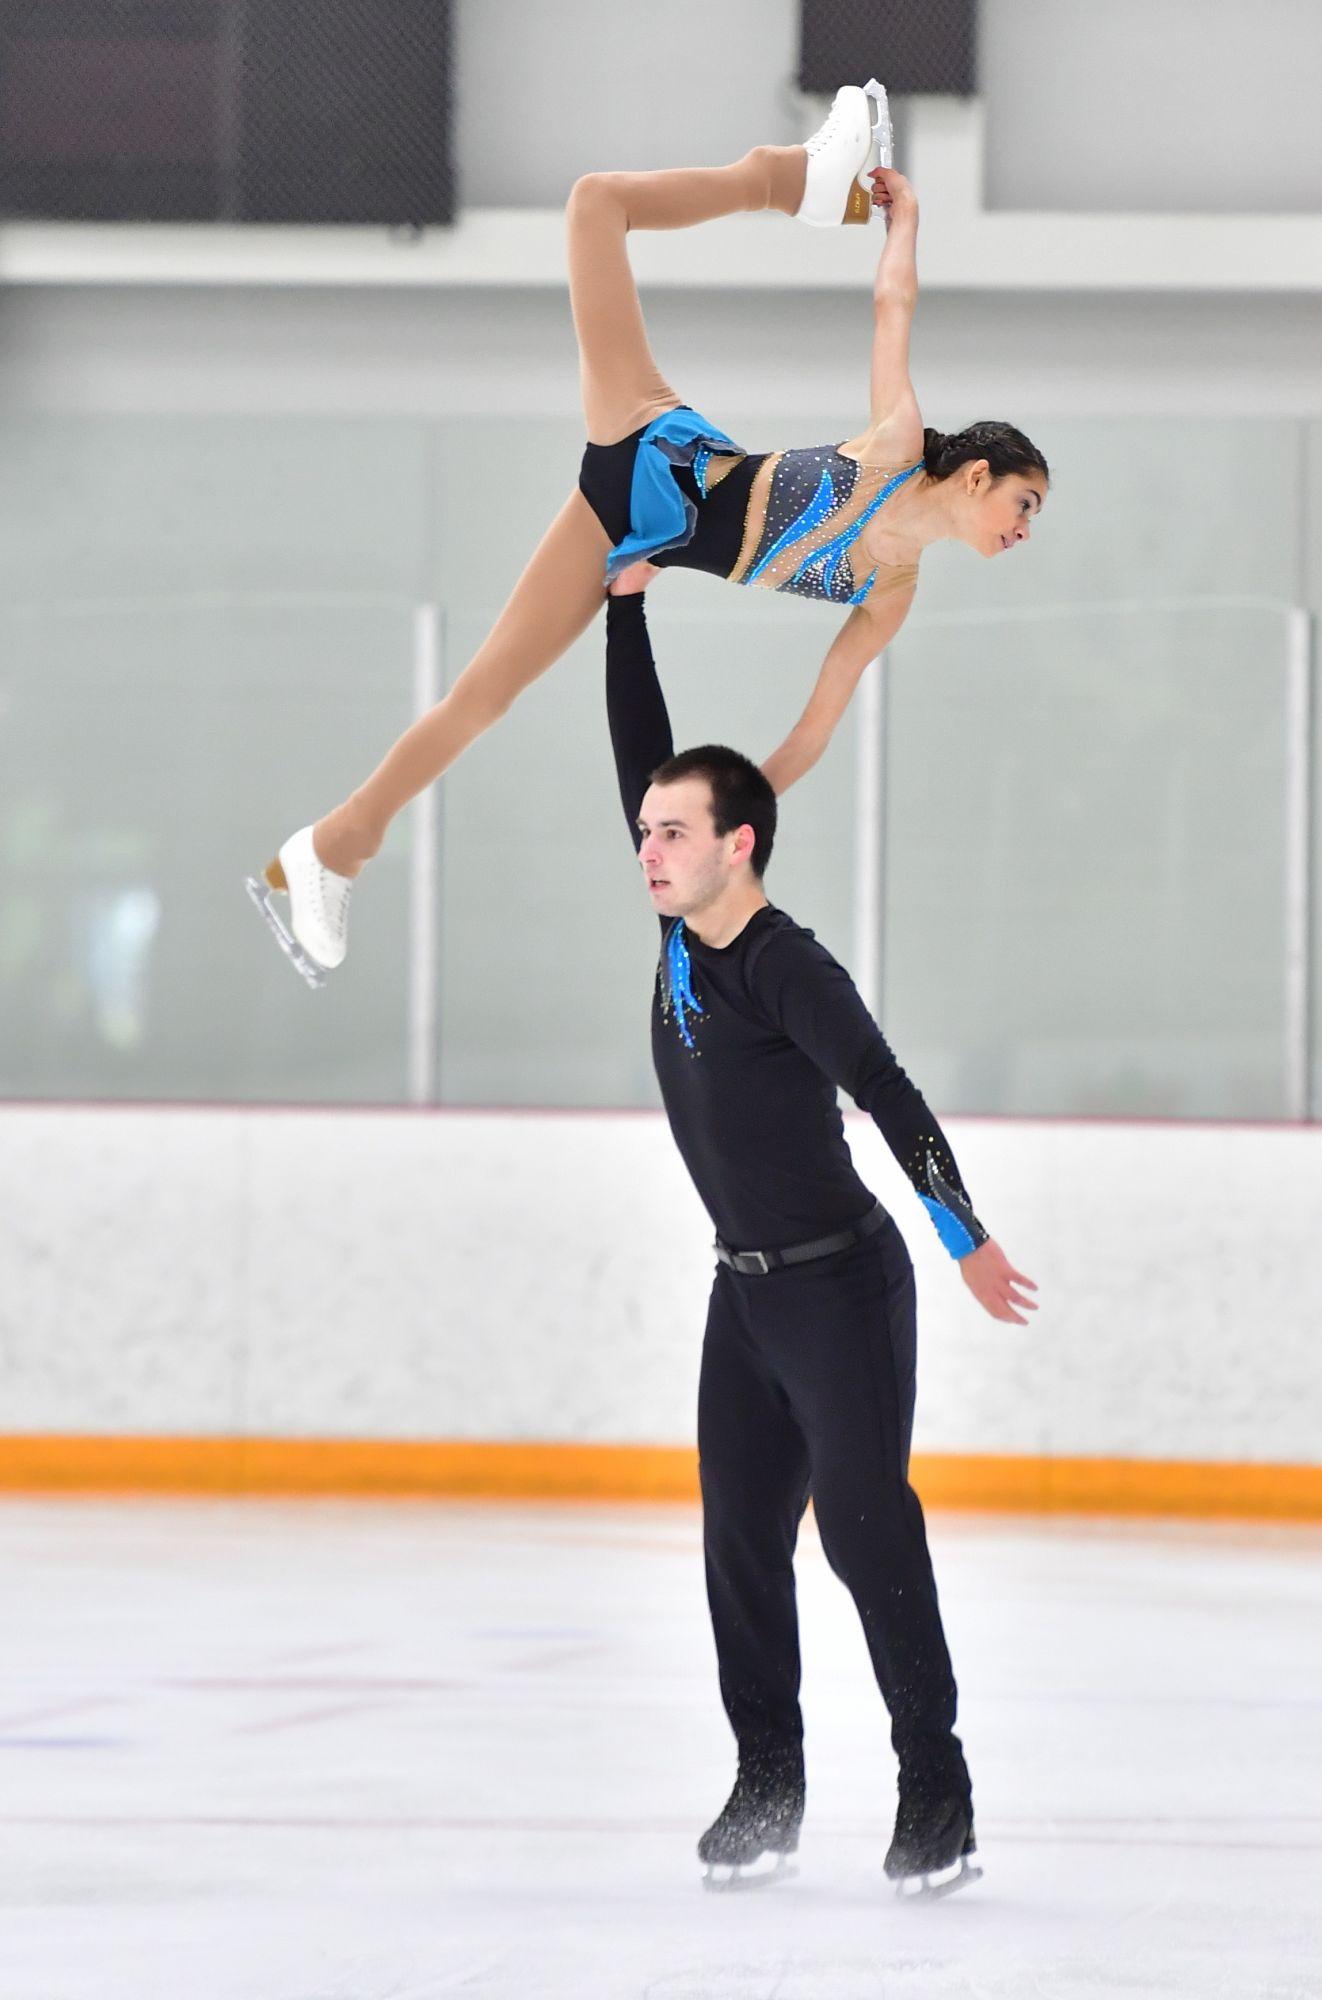 le club de patinage artistique de la pocati re sera en comp tition pour le canada en pologne cmatv. Black Bedroom Furniture Sets. Home Design Ideas